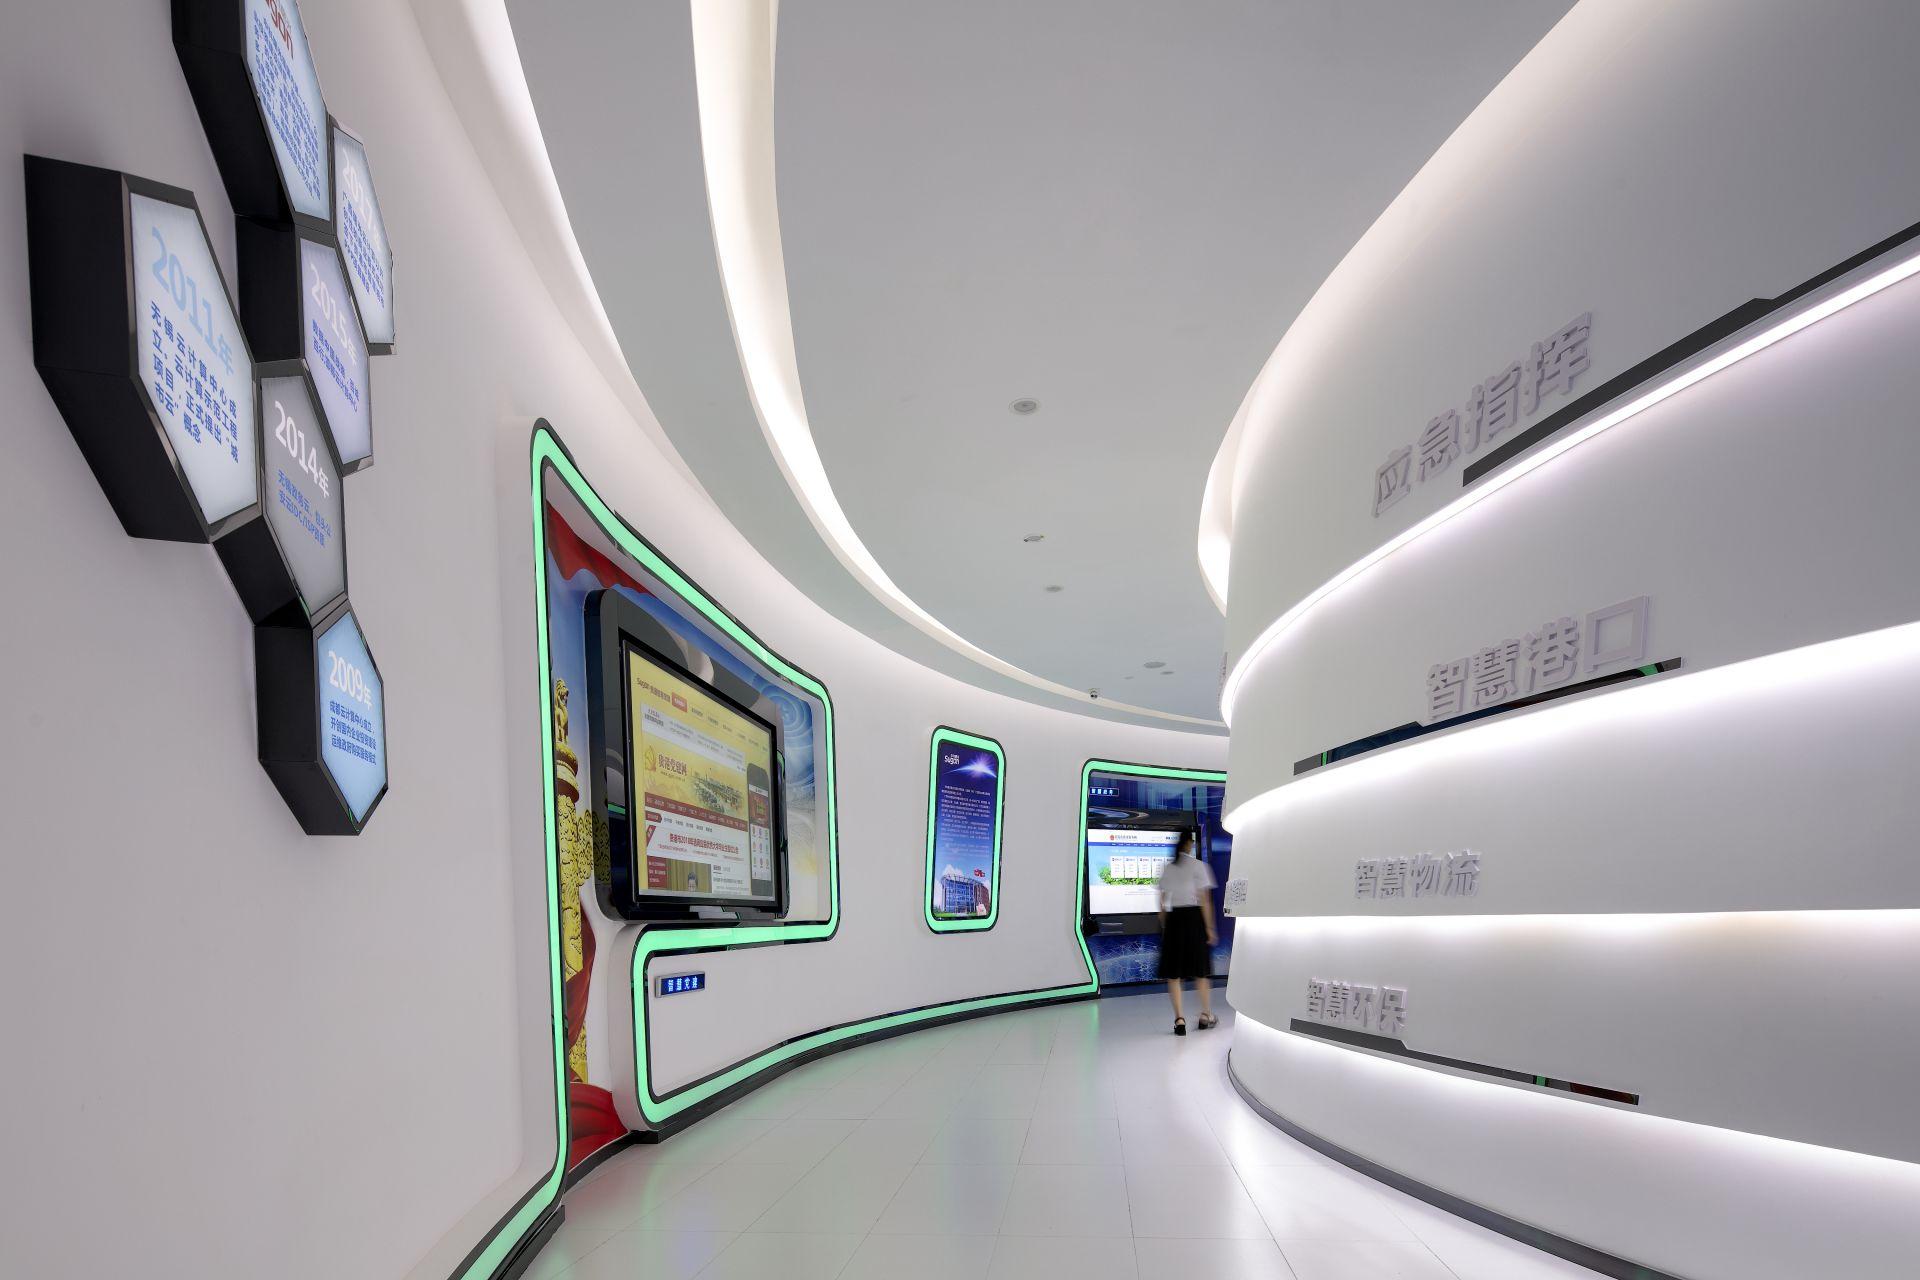 Guangxi Zhongke Dawning Cloud Computing Co., Ltd.